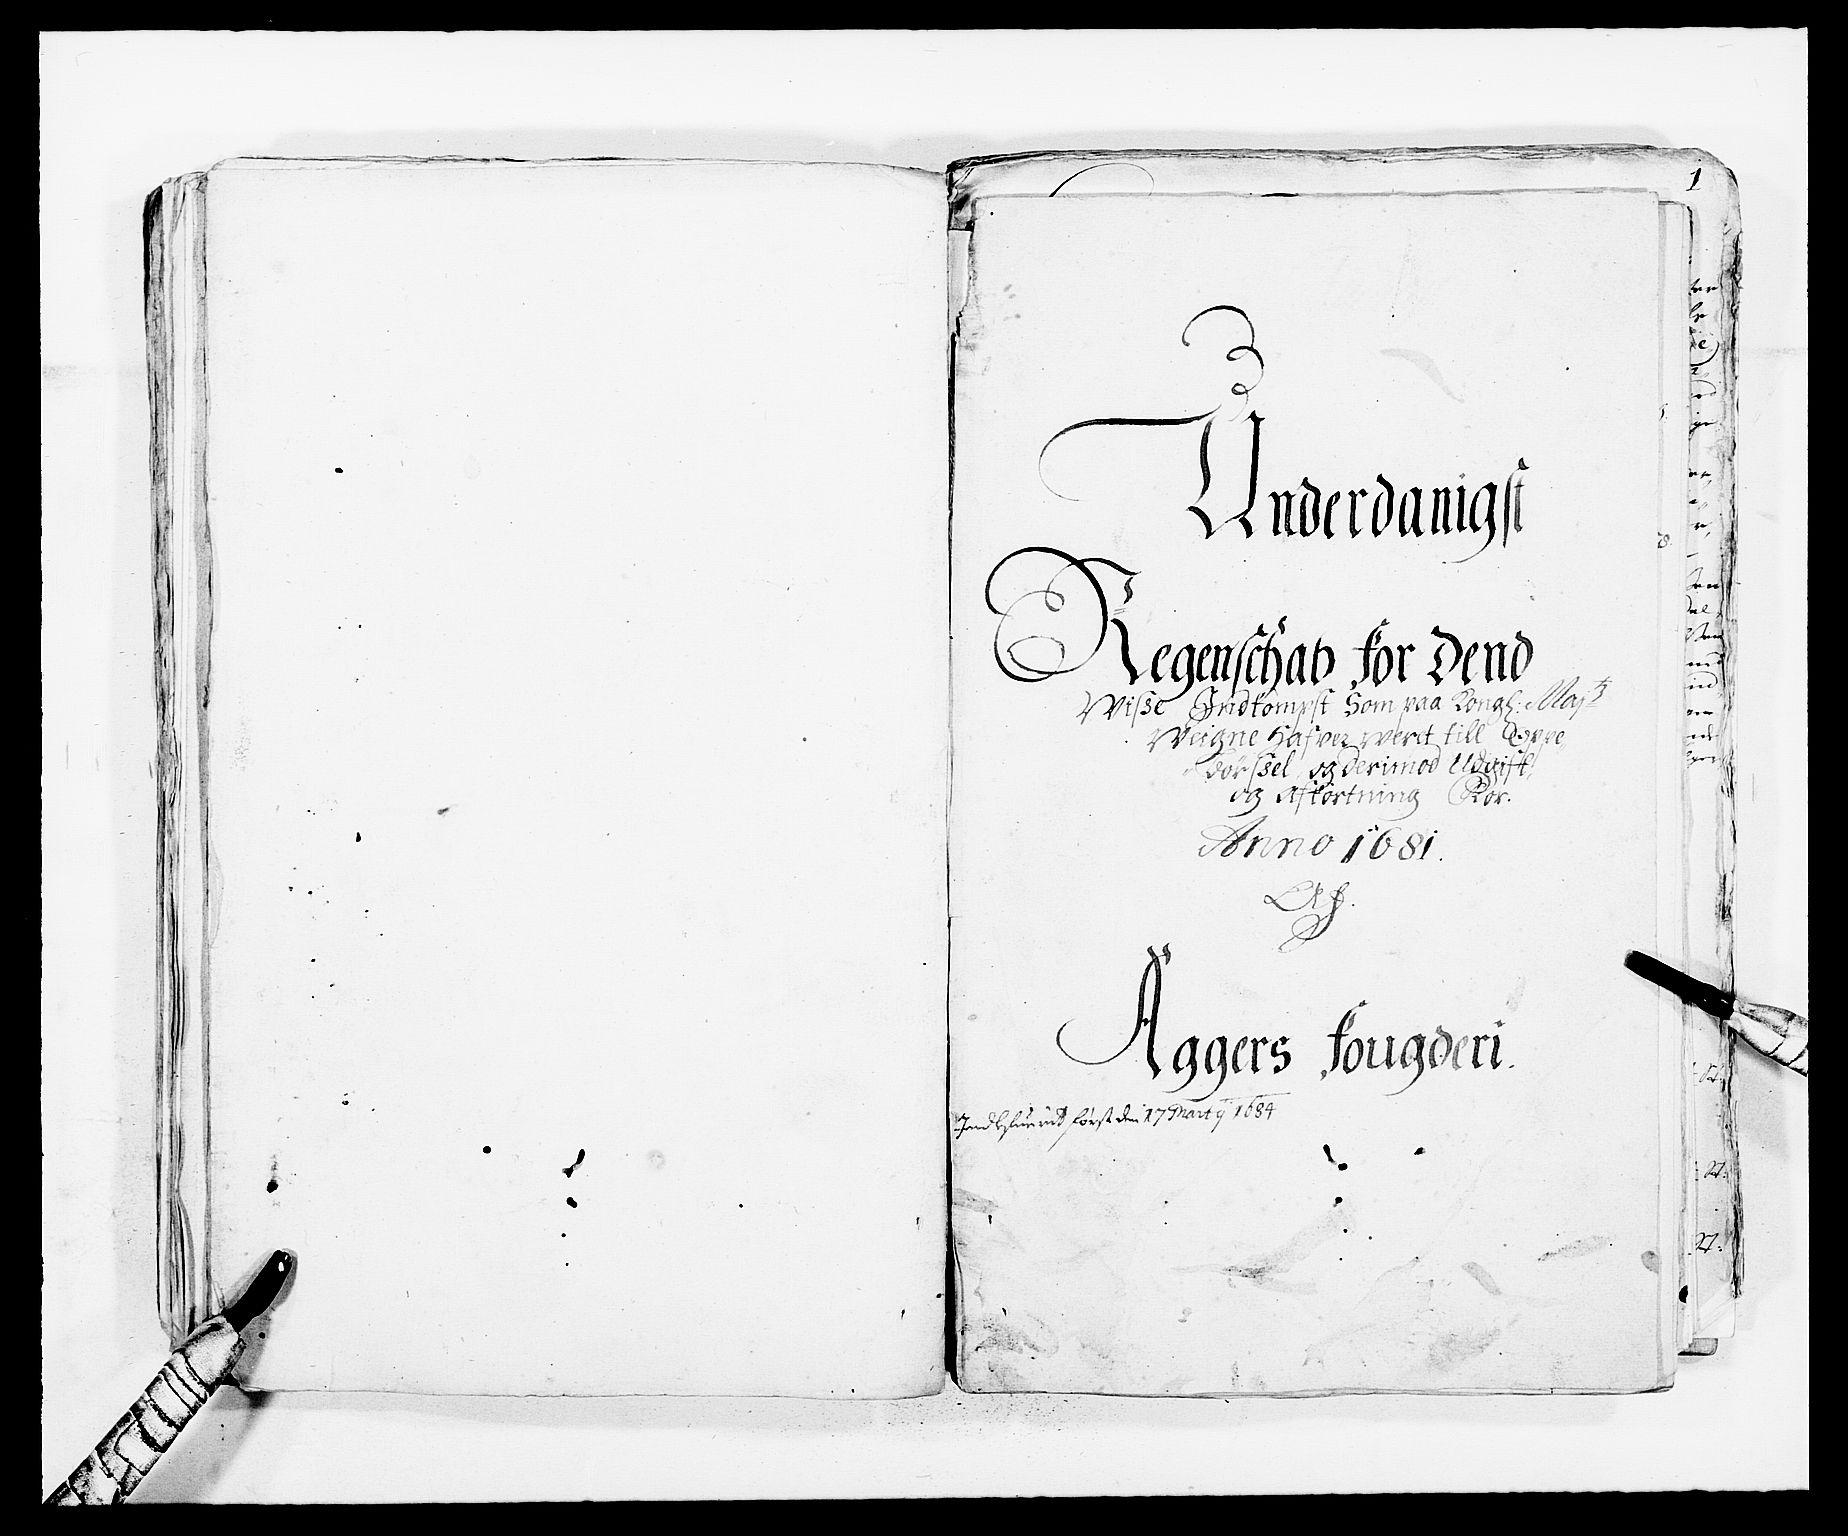 RA, Rentekammeret inntil 1814, Reviderte regnskaper, Fogderegnskap, R08/L0416: Fogderegnskap Aker, 1678-1681, s. 78